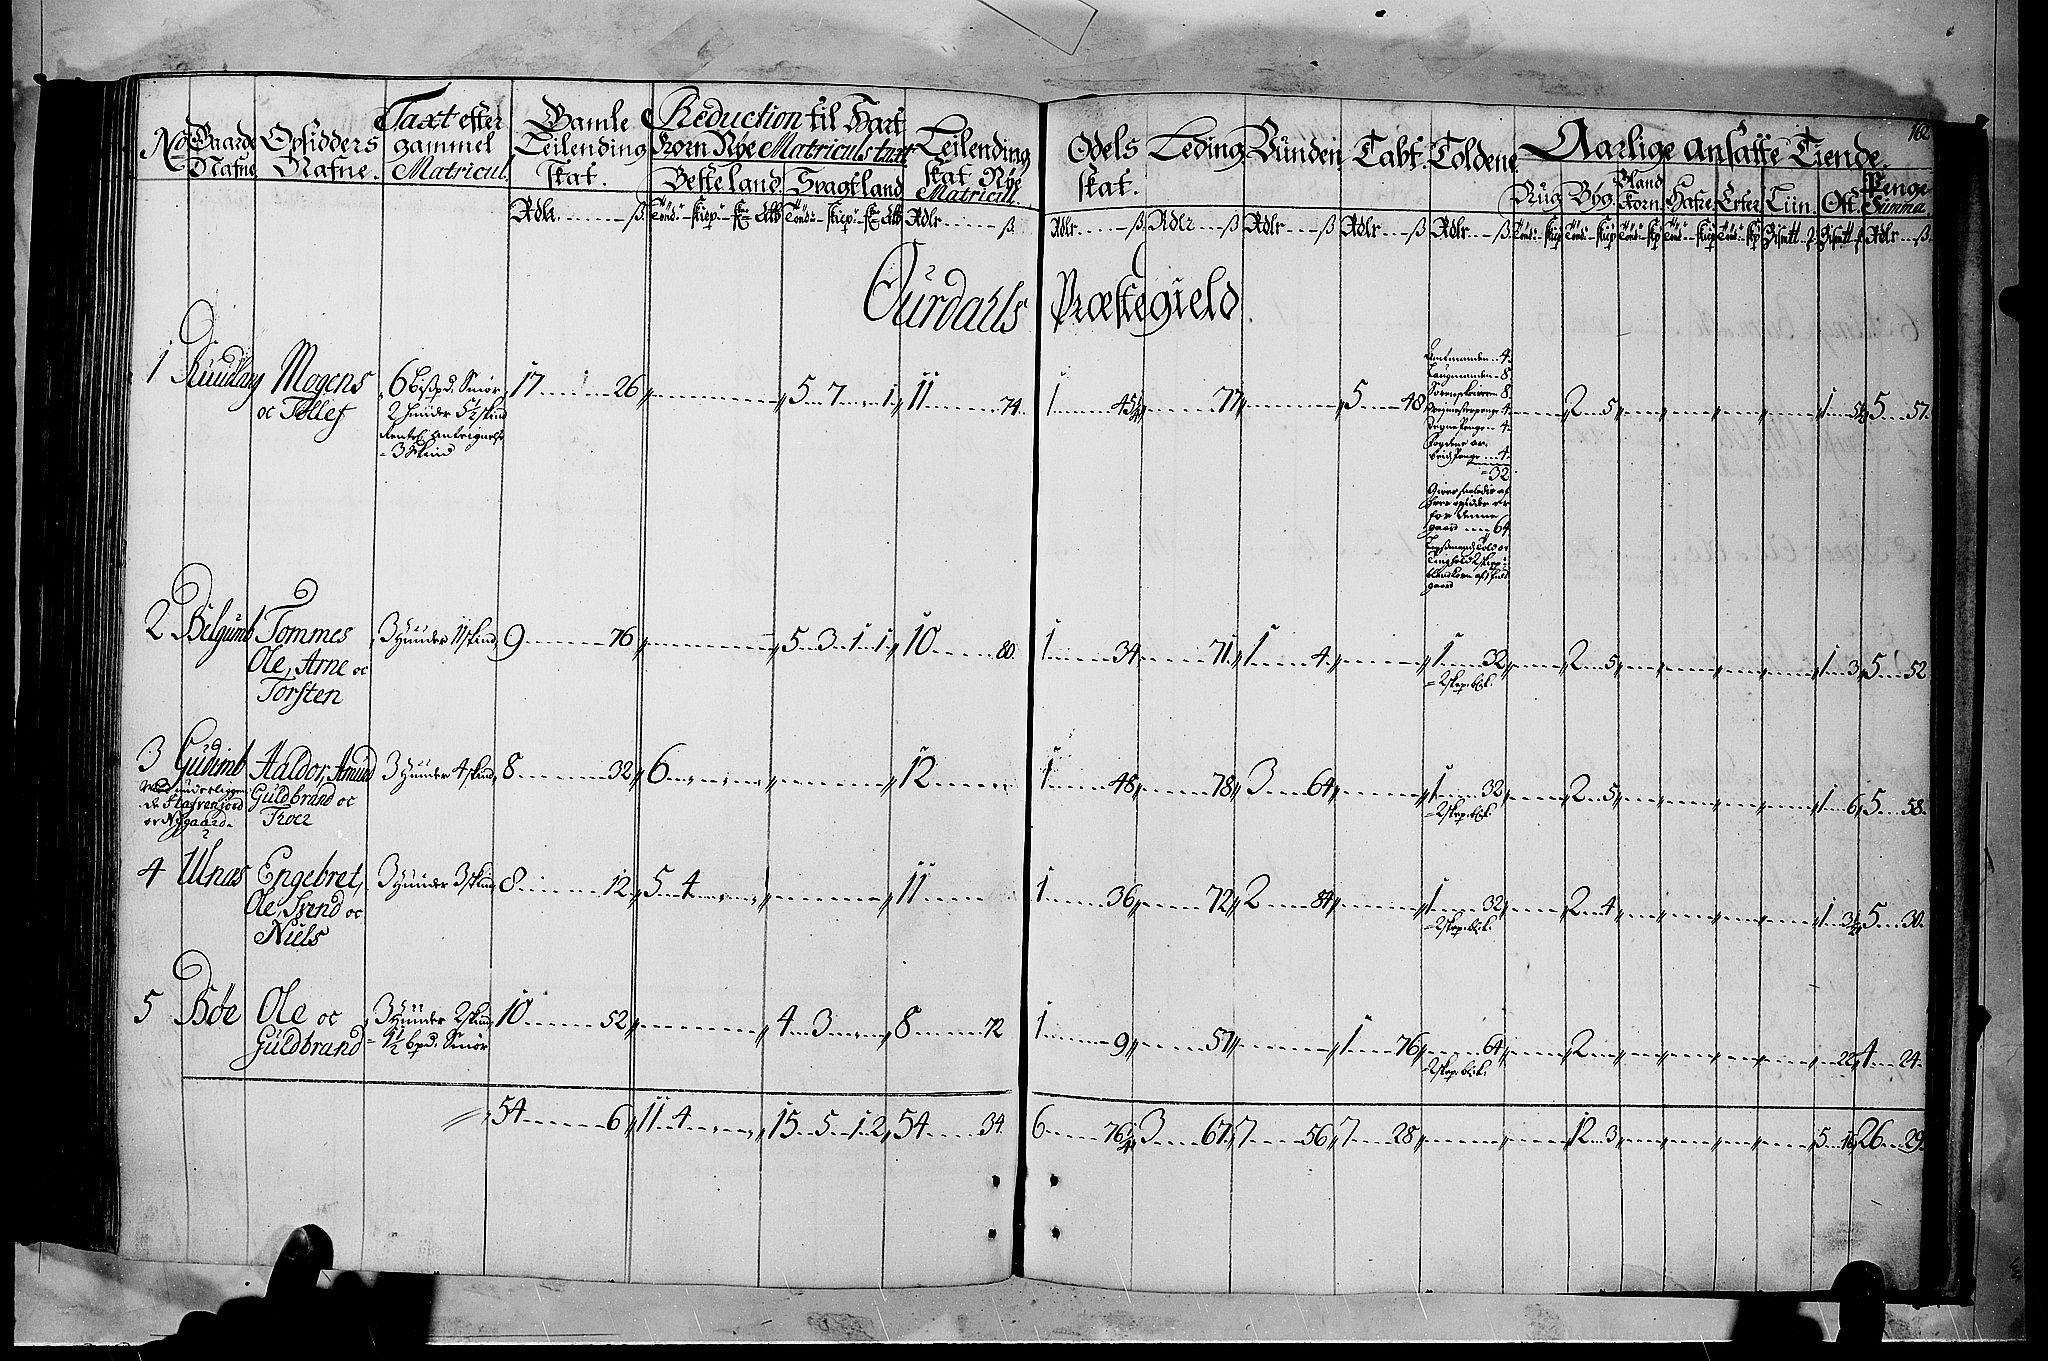 RA, Rentekammeret inntil 1814, Realistisk ordnet avdeling, N/Nb/Nbf/L0105: Hadeland, Toten og Valdres matrikkelprotokoll, 1723, s. 161b-162a